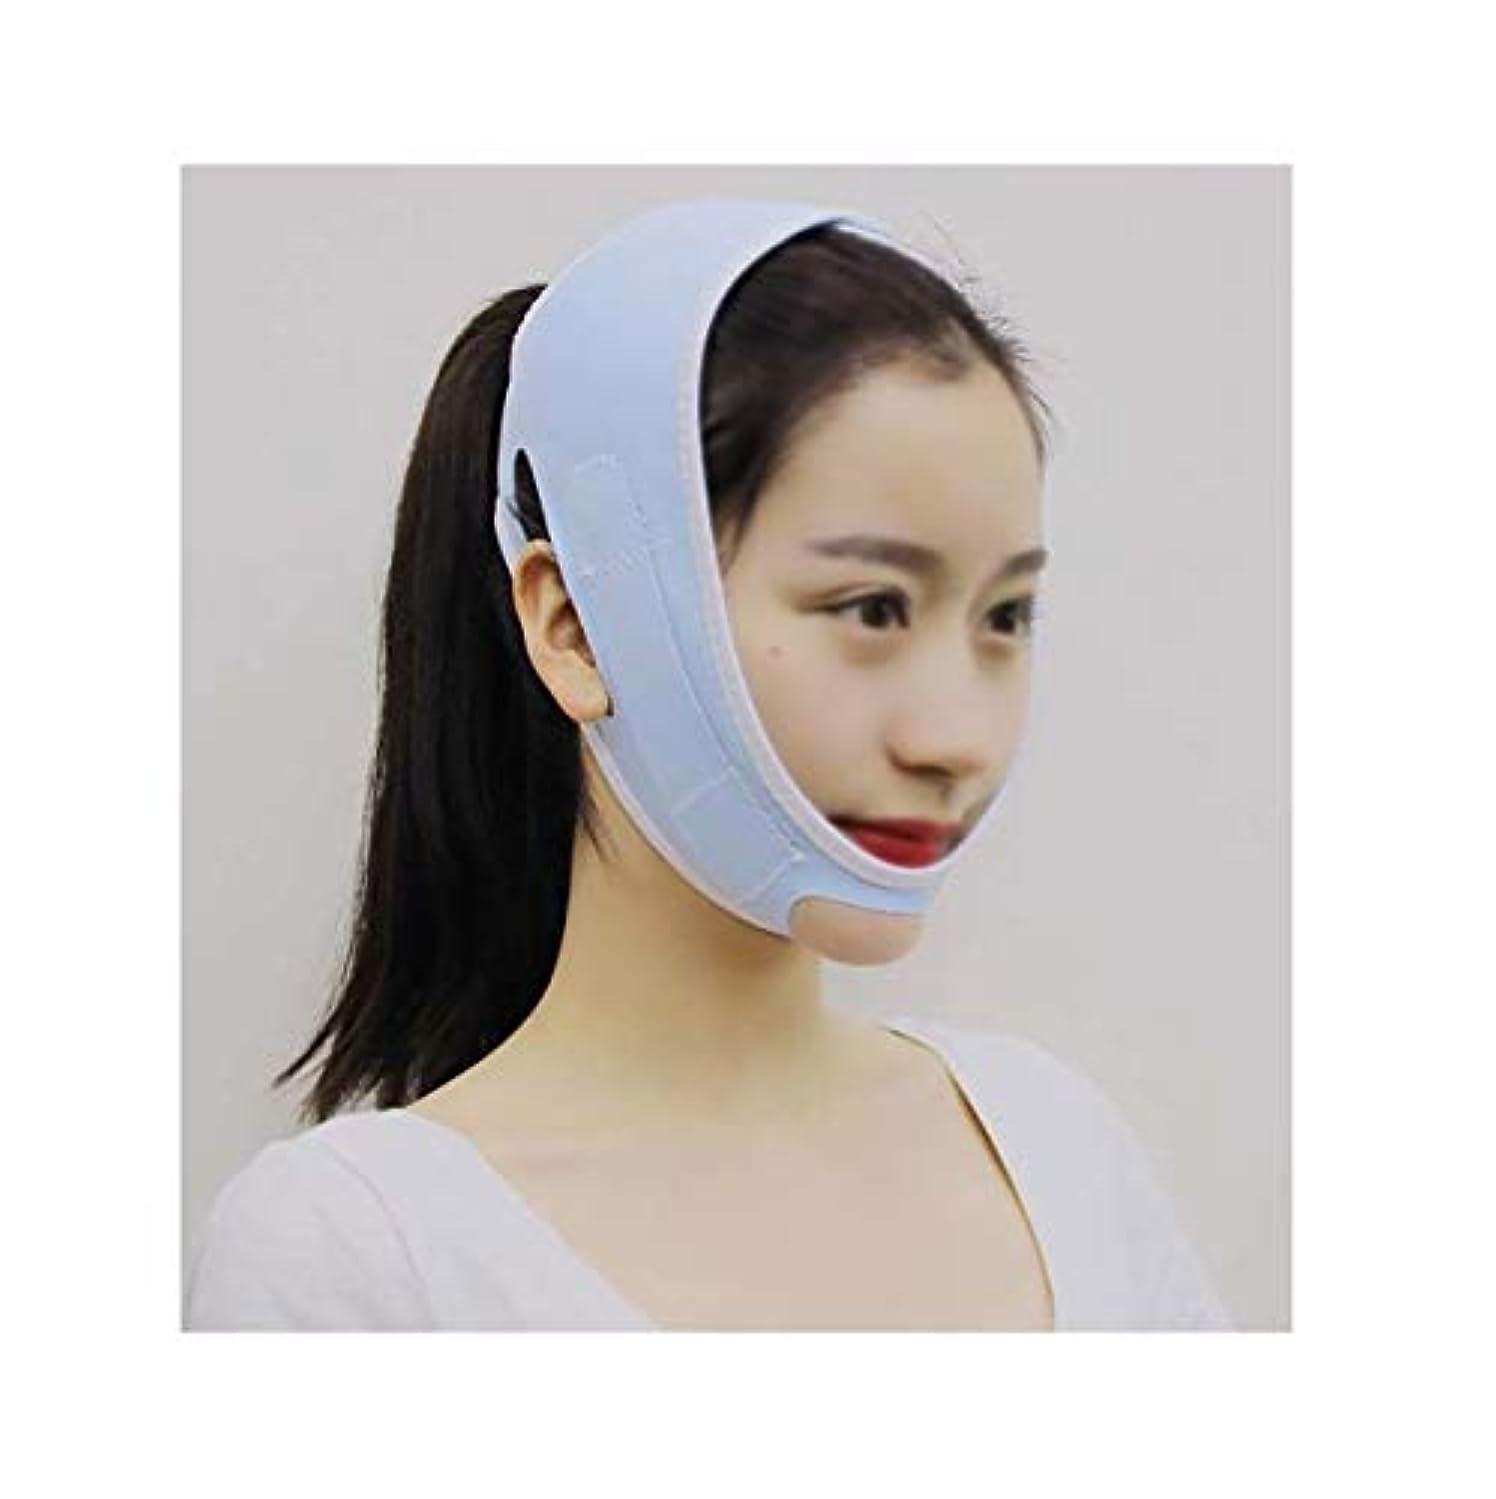 新しい意味汚物トレイGLJJQMY フェイシャルリフティングマスクあごストラップ修復包帯ヘッドバンドマスクフェイスリフティングスモールVフェイスアーティファクト型美容弾性フェイシャル&ネックリフティング 顔用整形マスク (Color : Blue)